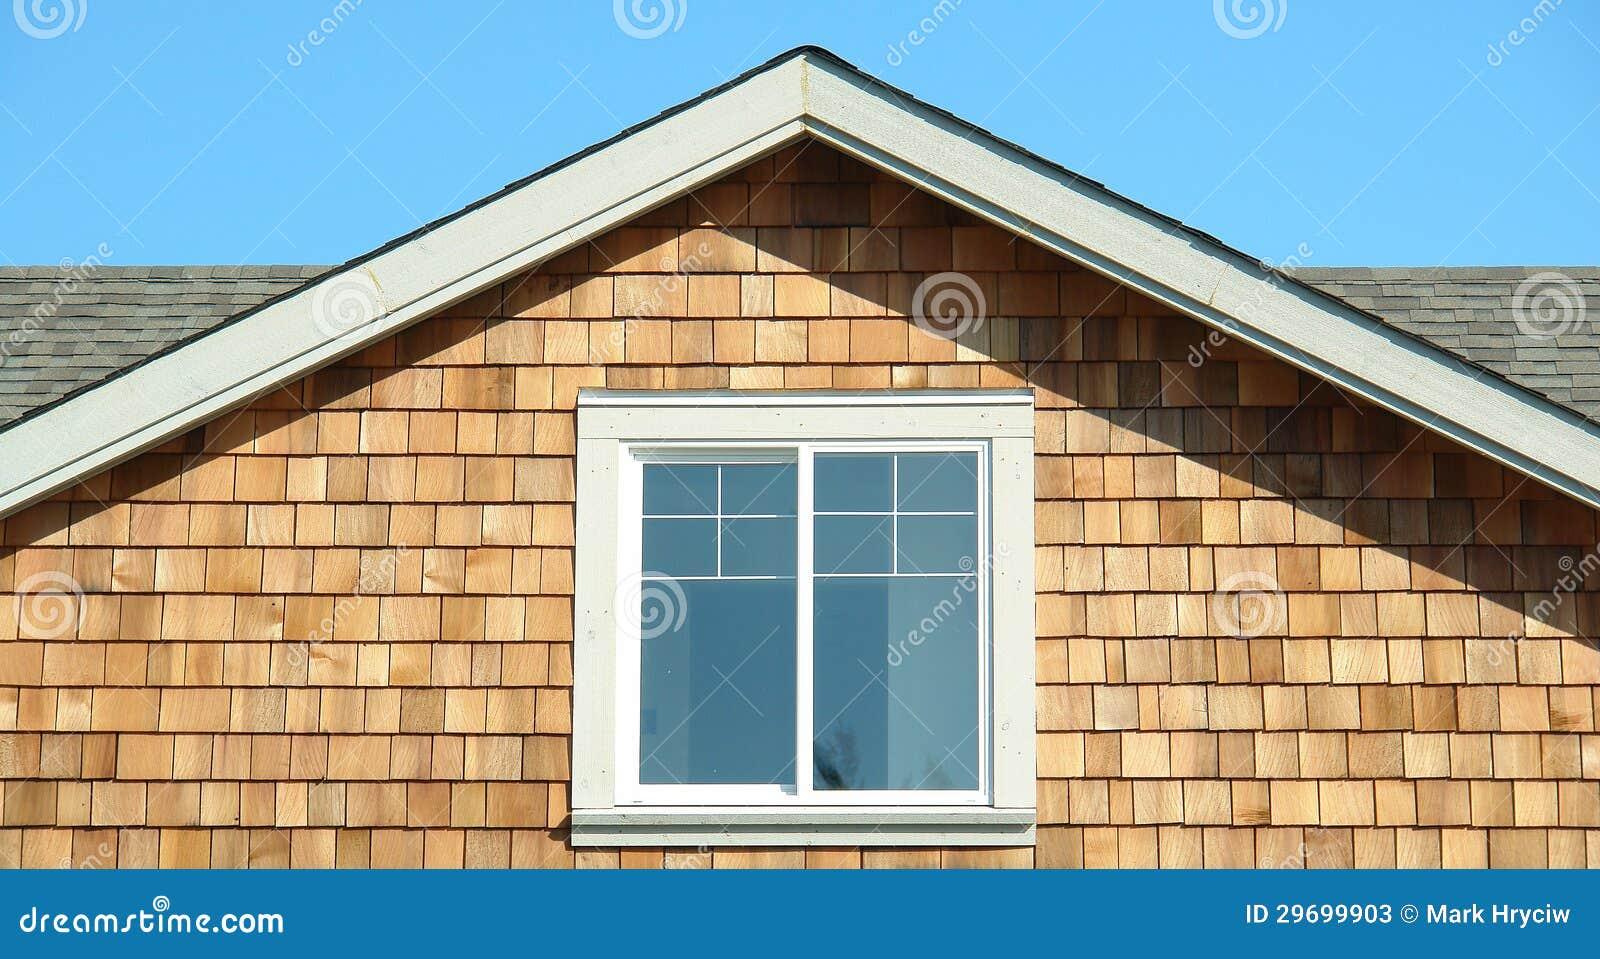 House cedar siding end gable section stock photos image for Shakes on house